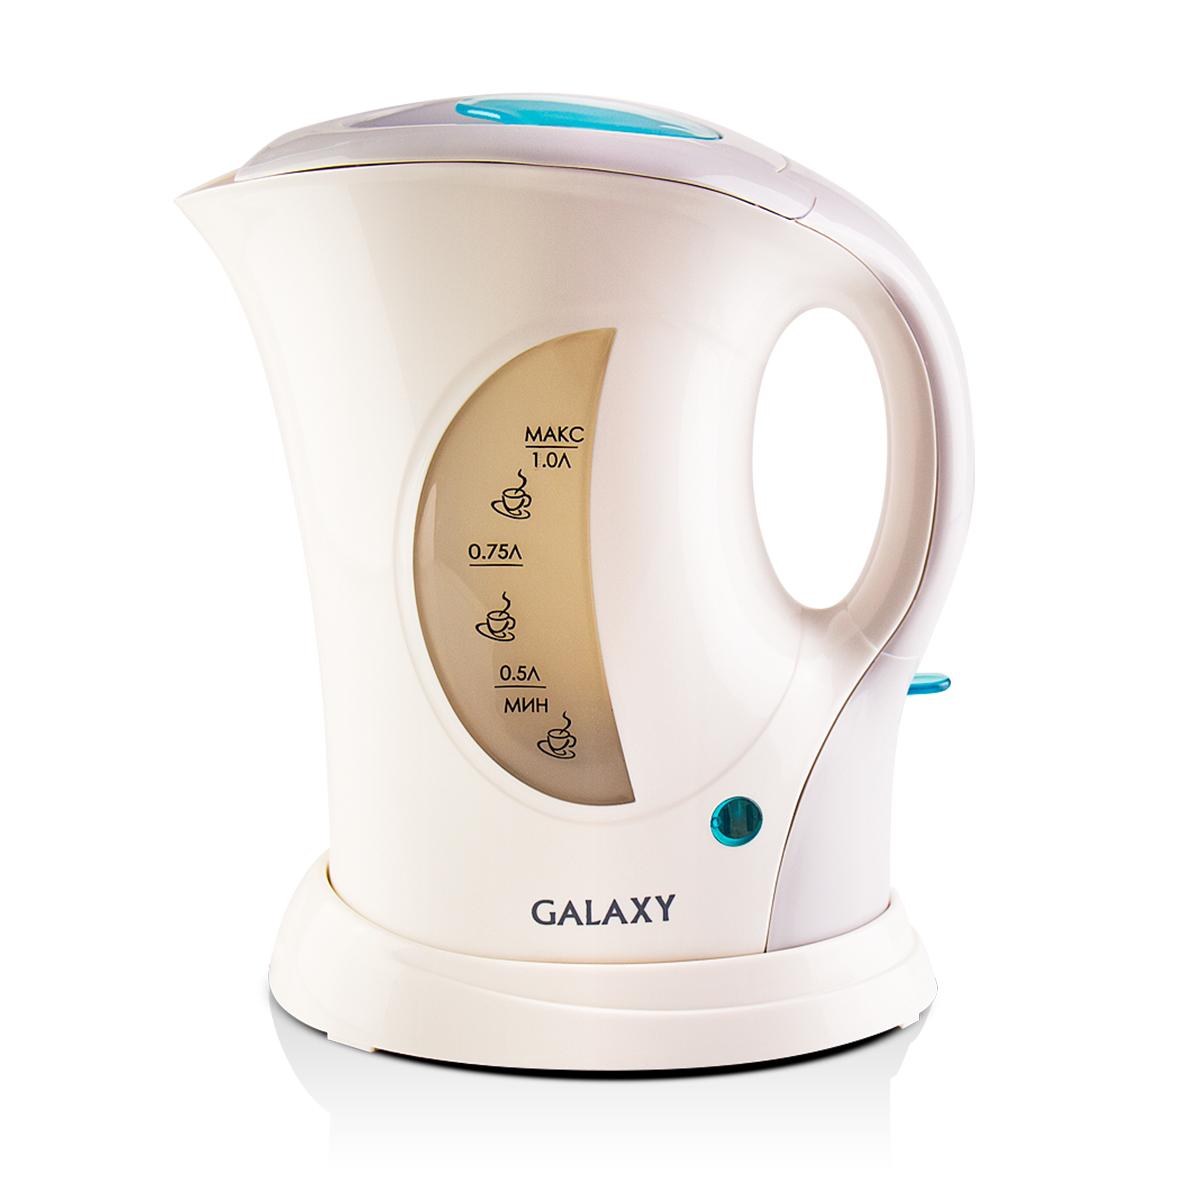 Galaxy GL 0105, White чайник электрический4630003363268Электрический чайник Galaxy GL 0105 отвечает всем современным требованиям надежности и безопасности. При его производстве используются только высококачественные и экологически безопасные материалы, а также нагревательный элемент и контроллеры высокого класса надежности. Устройство будет служить вам долгие годы, наполняя ваш быт комфортом!Galaxy GL 0105 - это мощная (900 Вт) модель объемом 1 л. С помощью этого чайника вы сможете приготовить чай на большую компанию за считанные минуты.